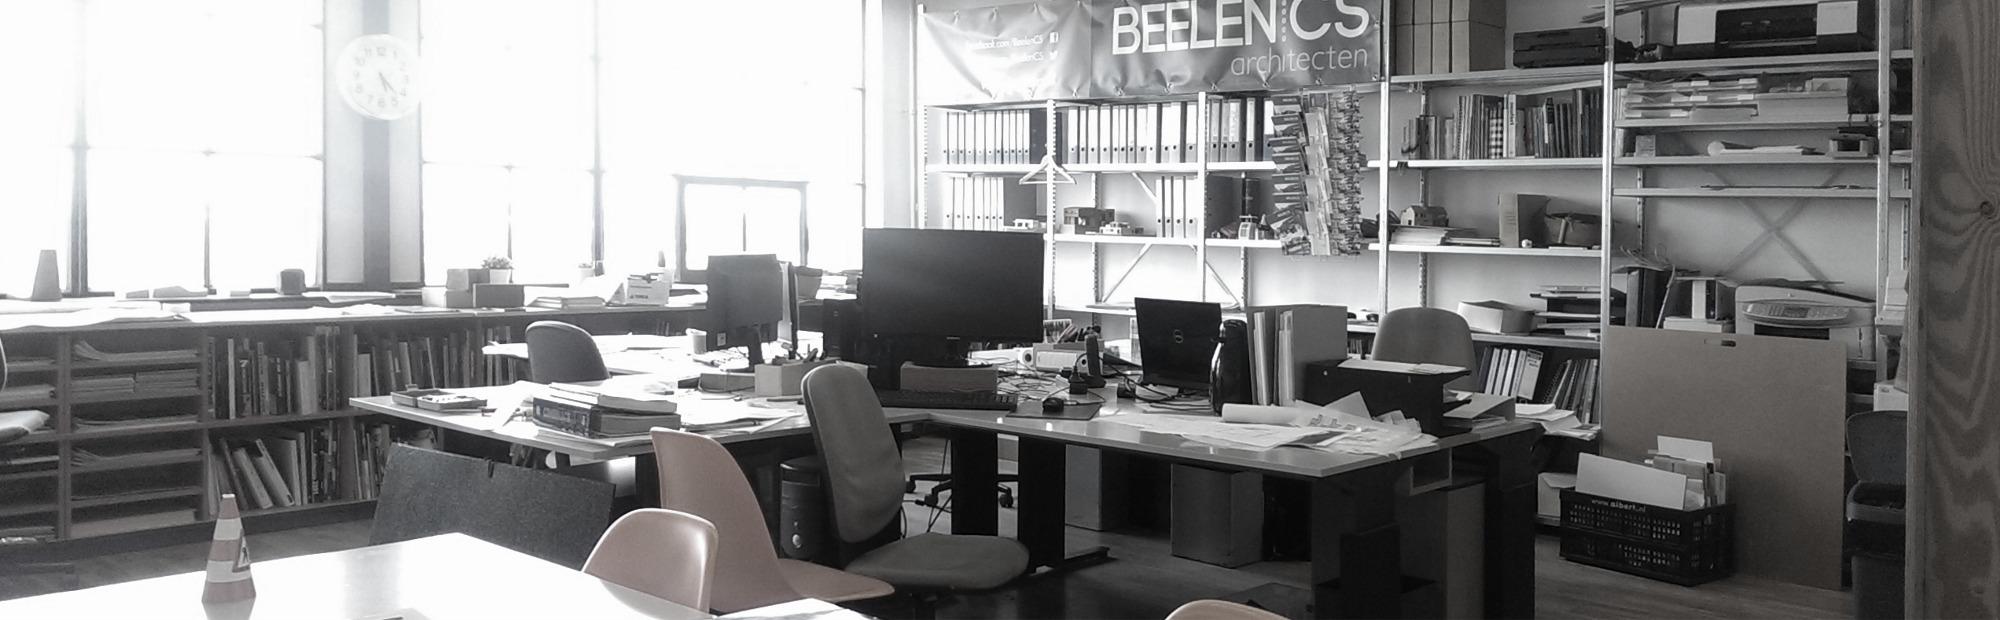 kantoor1 - headafbeelding - BEELEN CS architecten Eindhoven